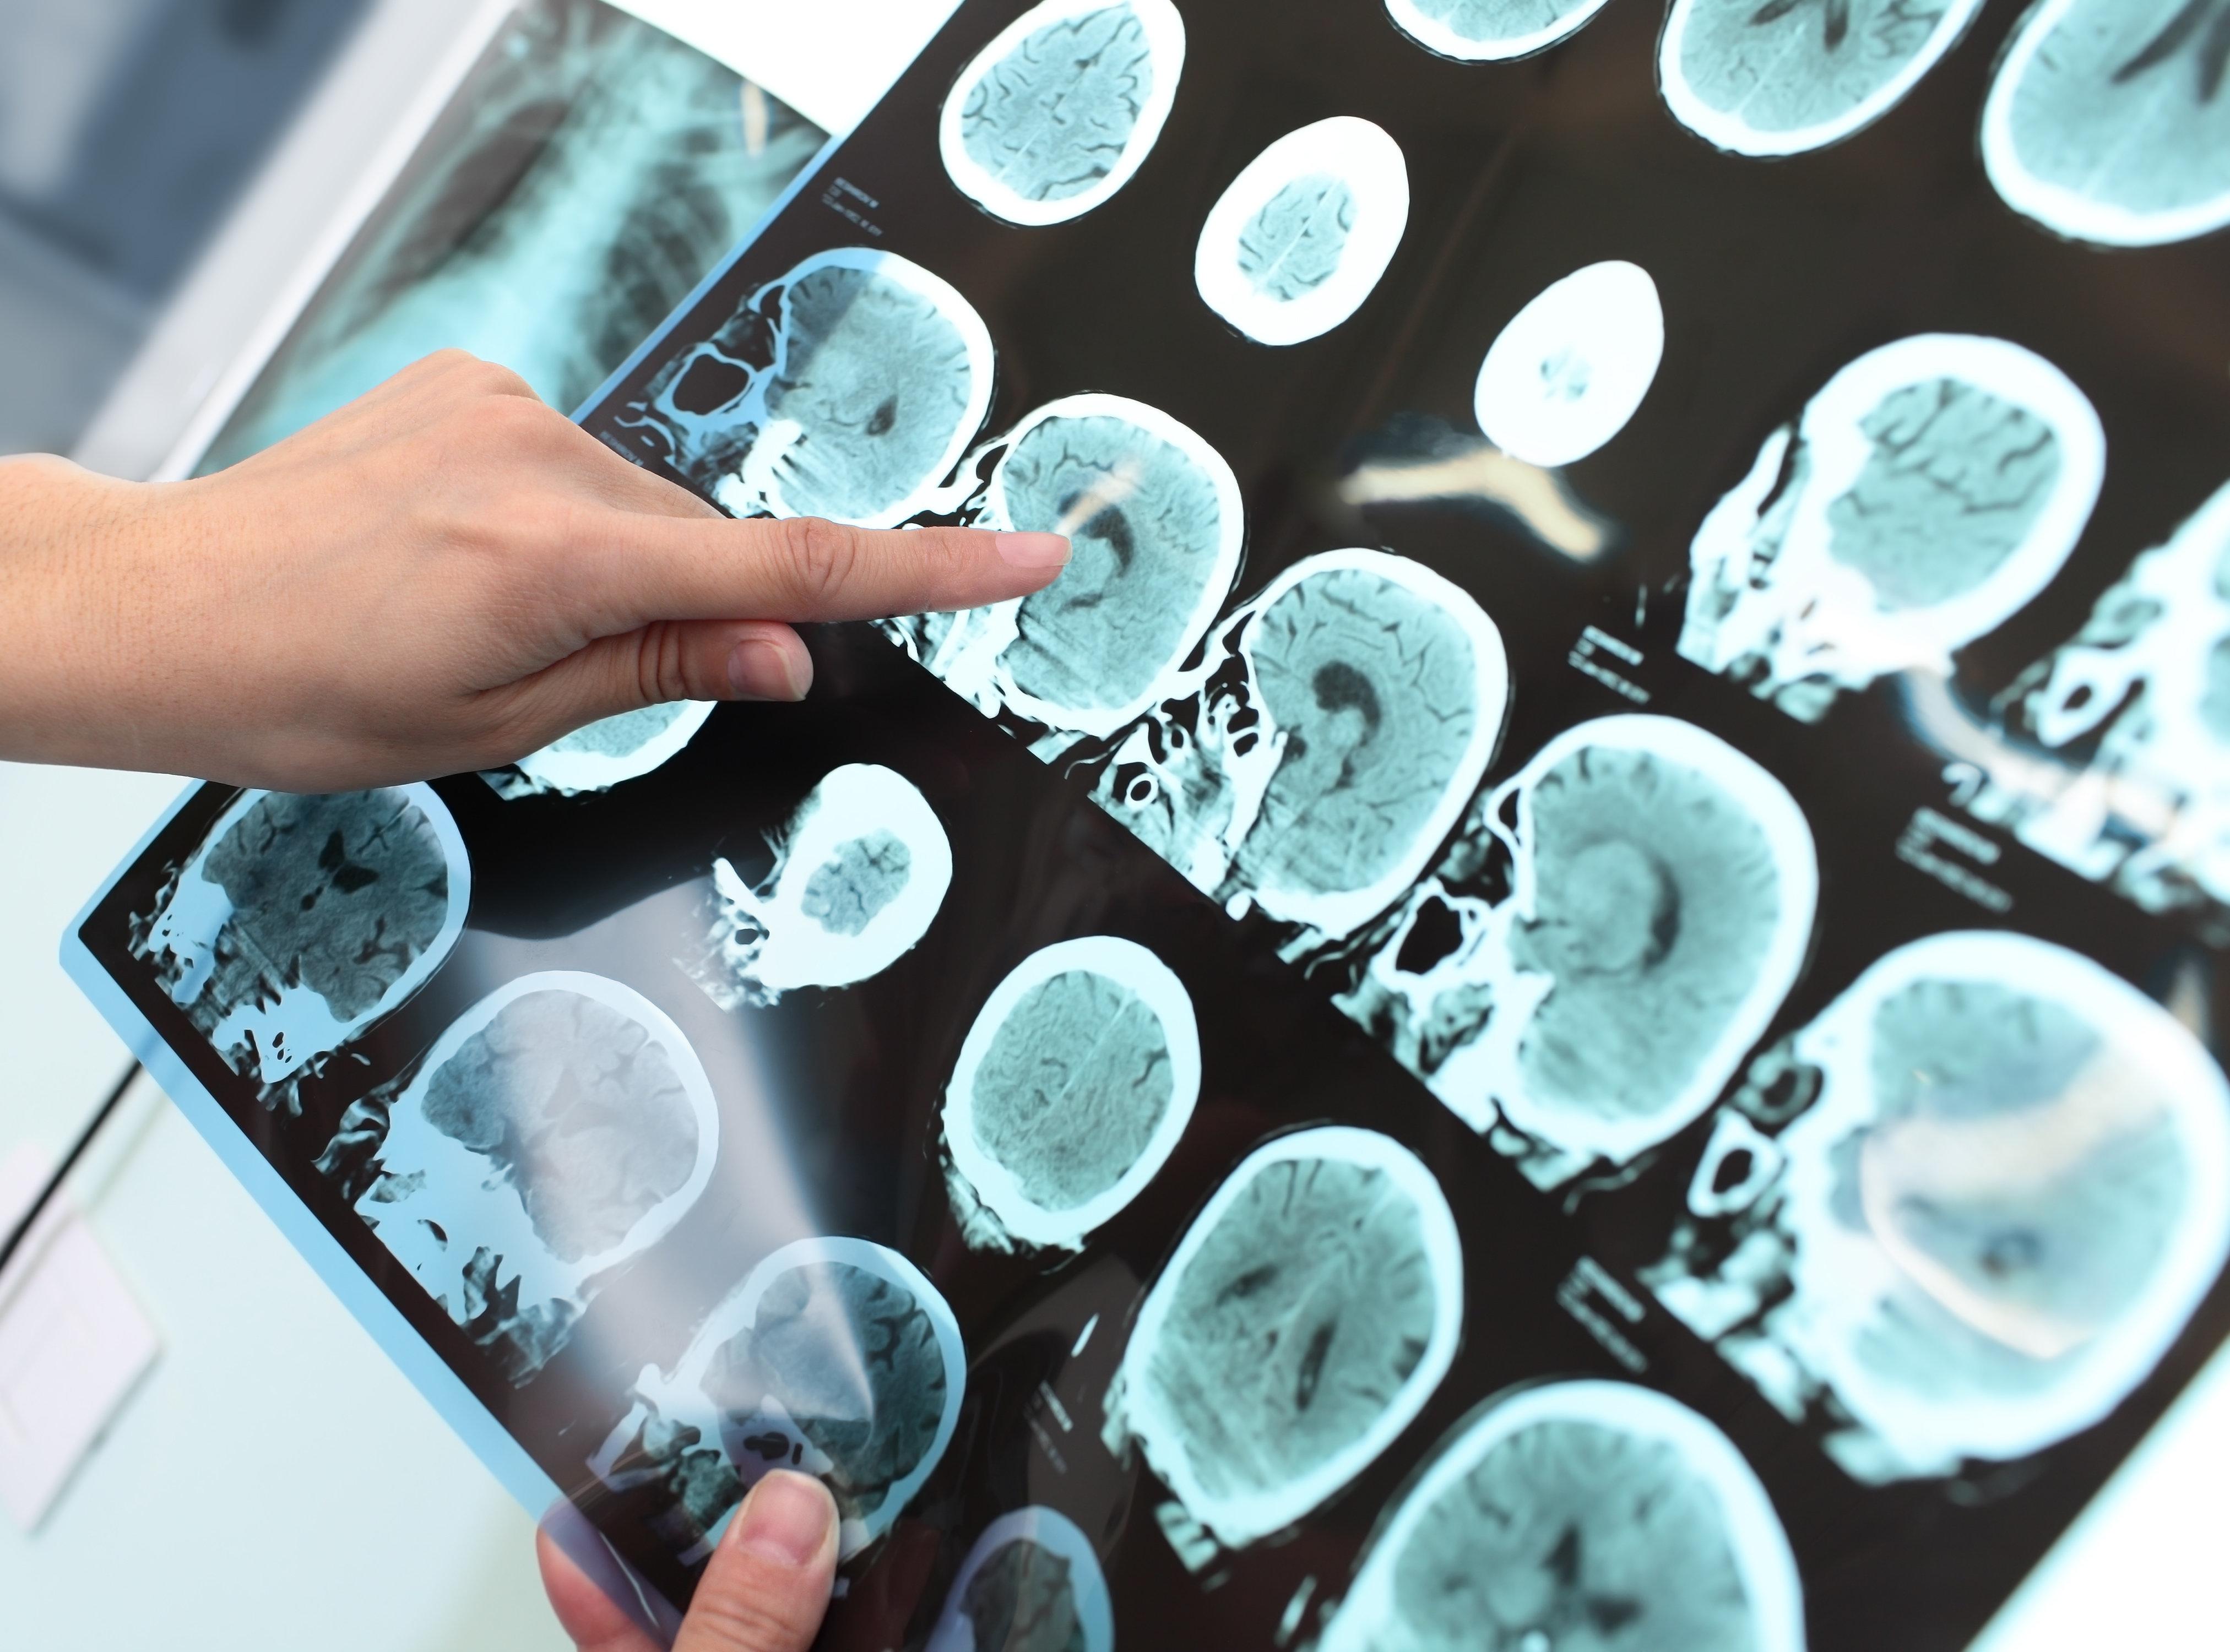 Anti-Epilepsy Drug Restores Normal Brain Activity In Alzheimer's